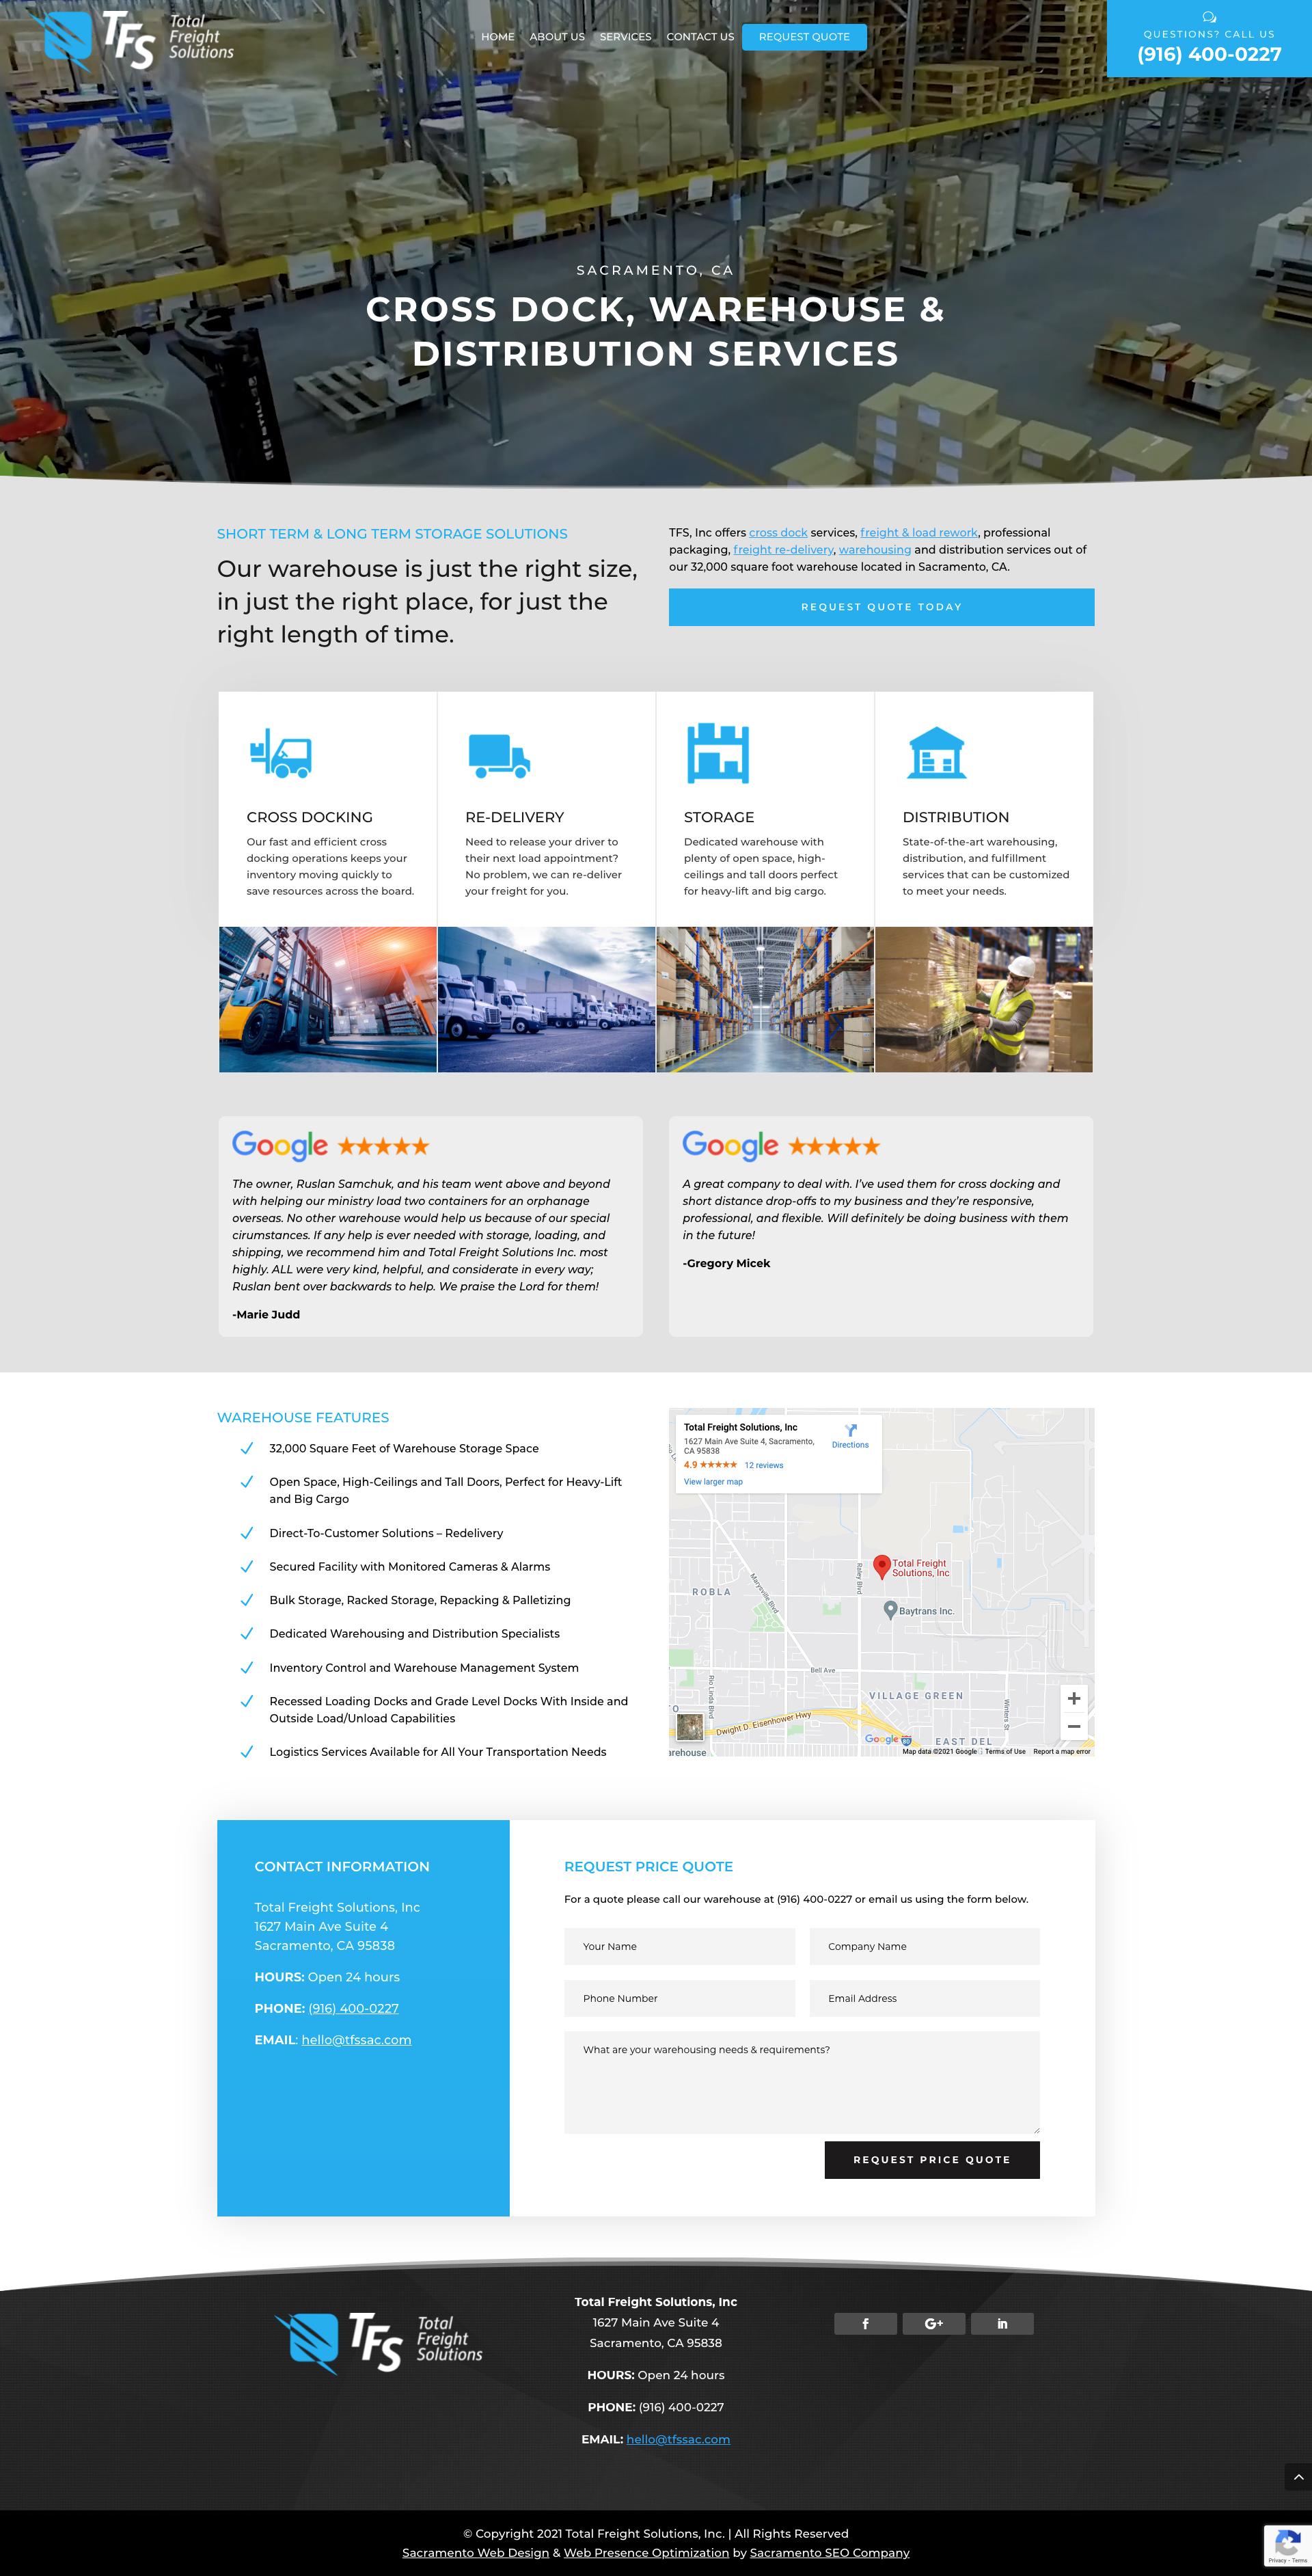 Website for Total Freight Solutions Inc., by Sacramento Web Designer at Sacramento Digital Media